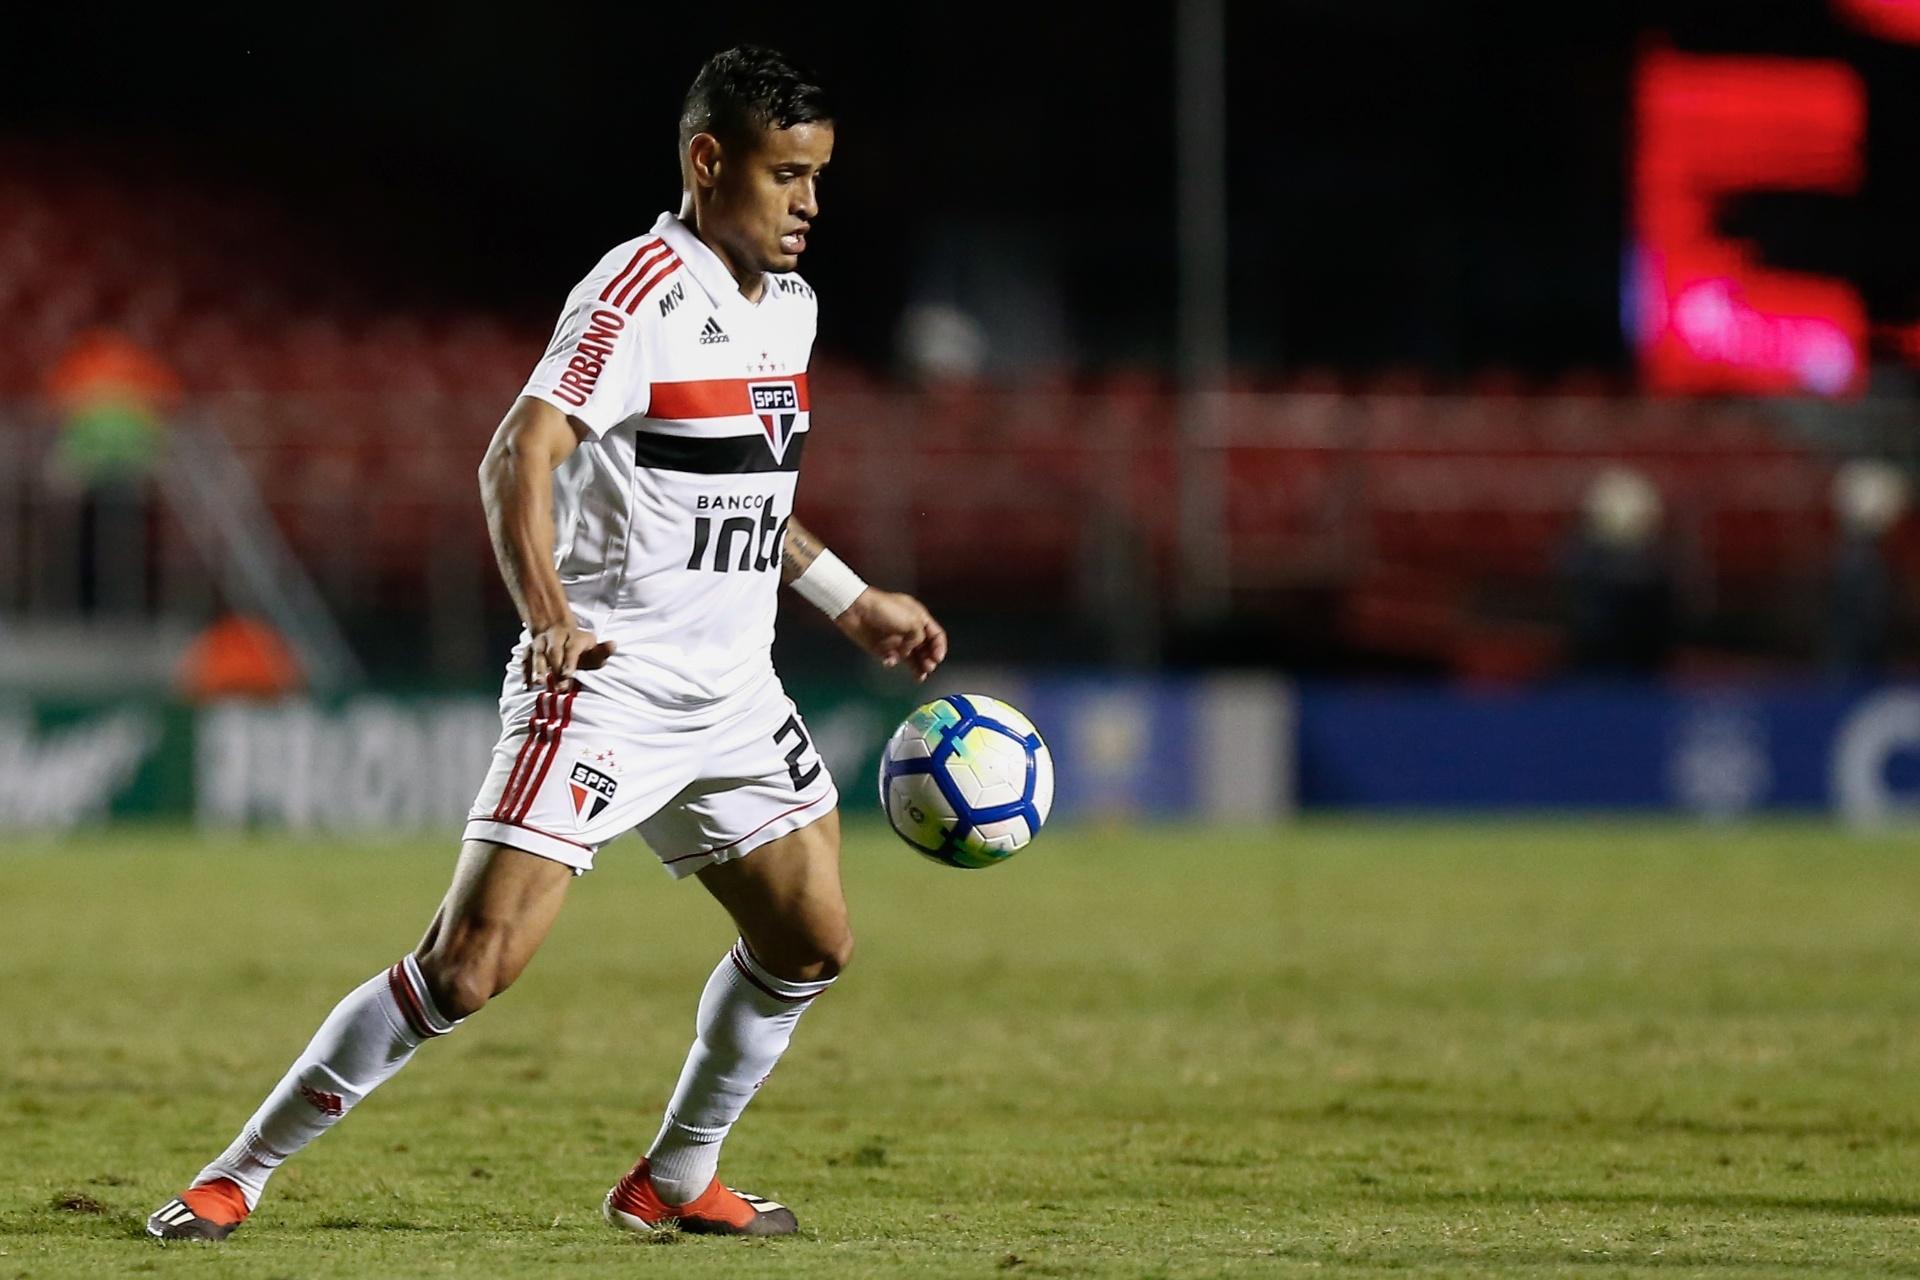 ea86ff87df São Paulo renova patrocínio com a Urbano por um ano - 27 12 2018 - UOL  Esporte